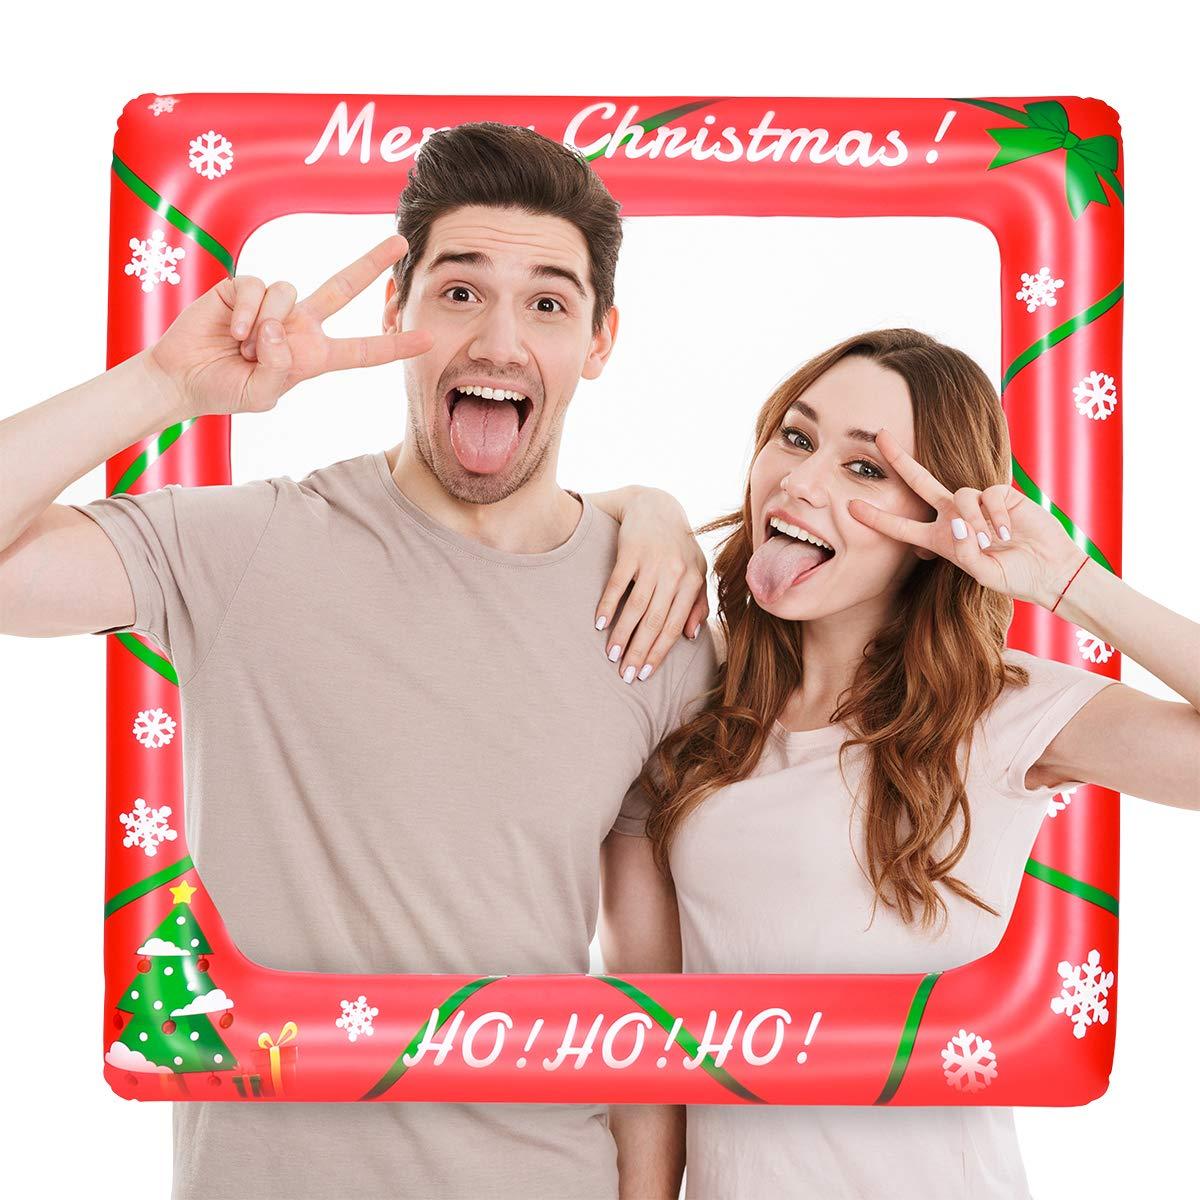 Amosfun Bastidor Inflable de Navidad Photo Booth Props Navidad Photo Props Selfie Picture Frame Celebraci/ón Blow Up Party Apoyos para cumplea/ños Boda Fiesta de Navidad 71 x 71cm